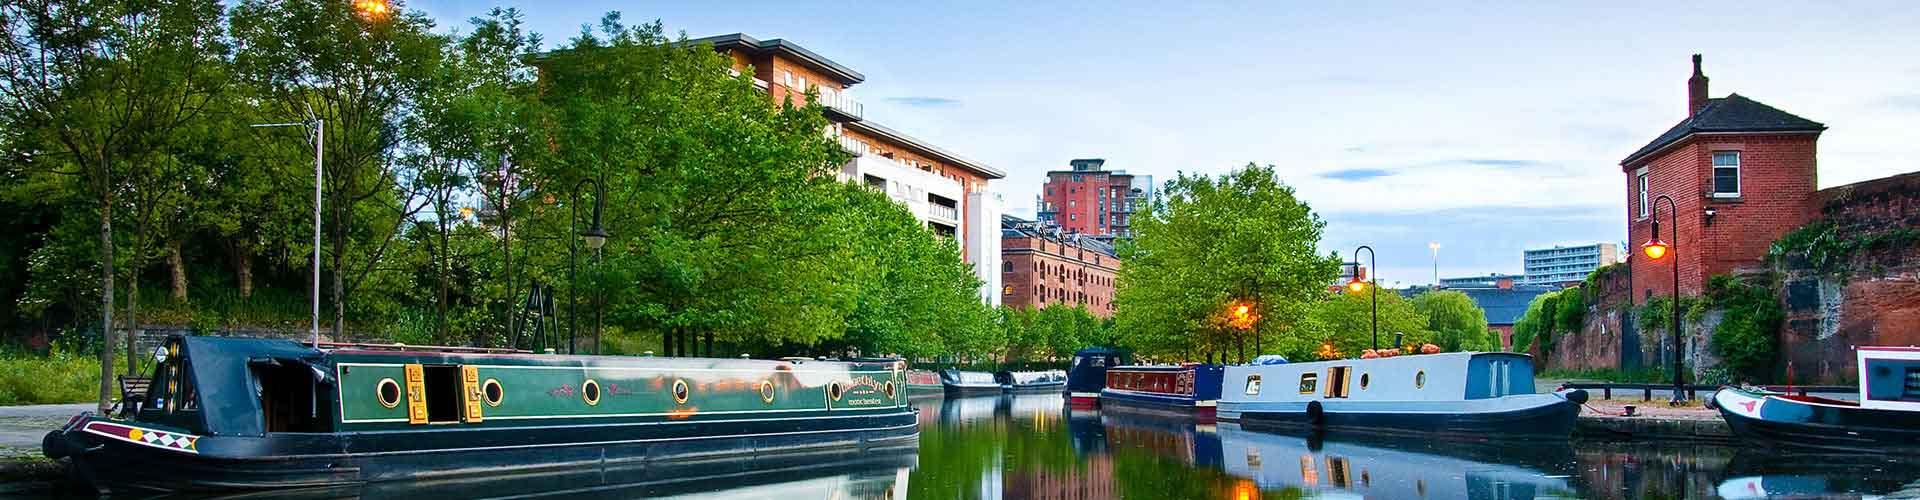 Manchester - Appartements dans le quartier de Quartier Nord. Cartes pour Manchester, photos et commentaires pour chaque appartement à Manchester.